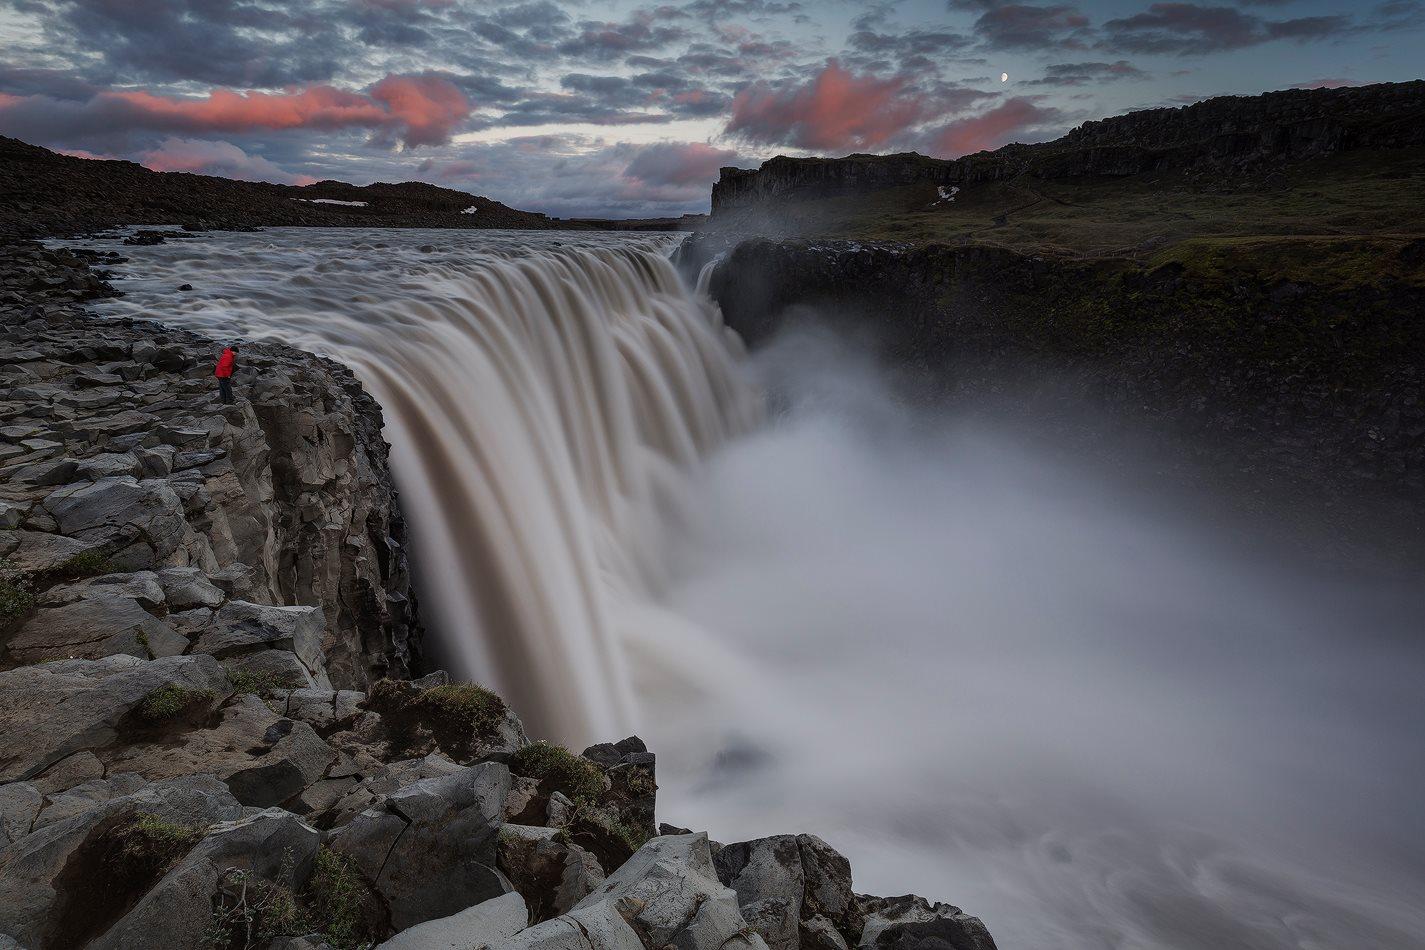 Самый мощный водопад Европы, Деттифосс, с ужасающим грохотом ниспадает в каньон Йокульсаргльювур.